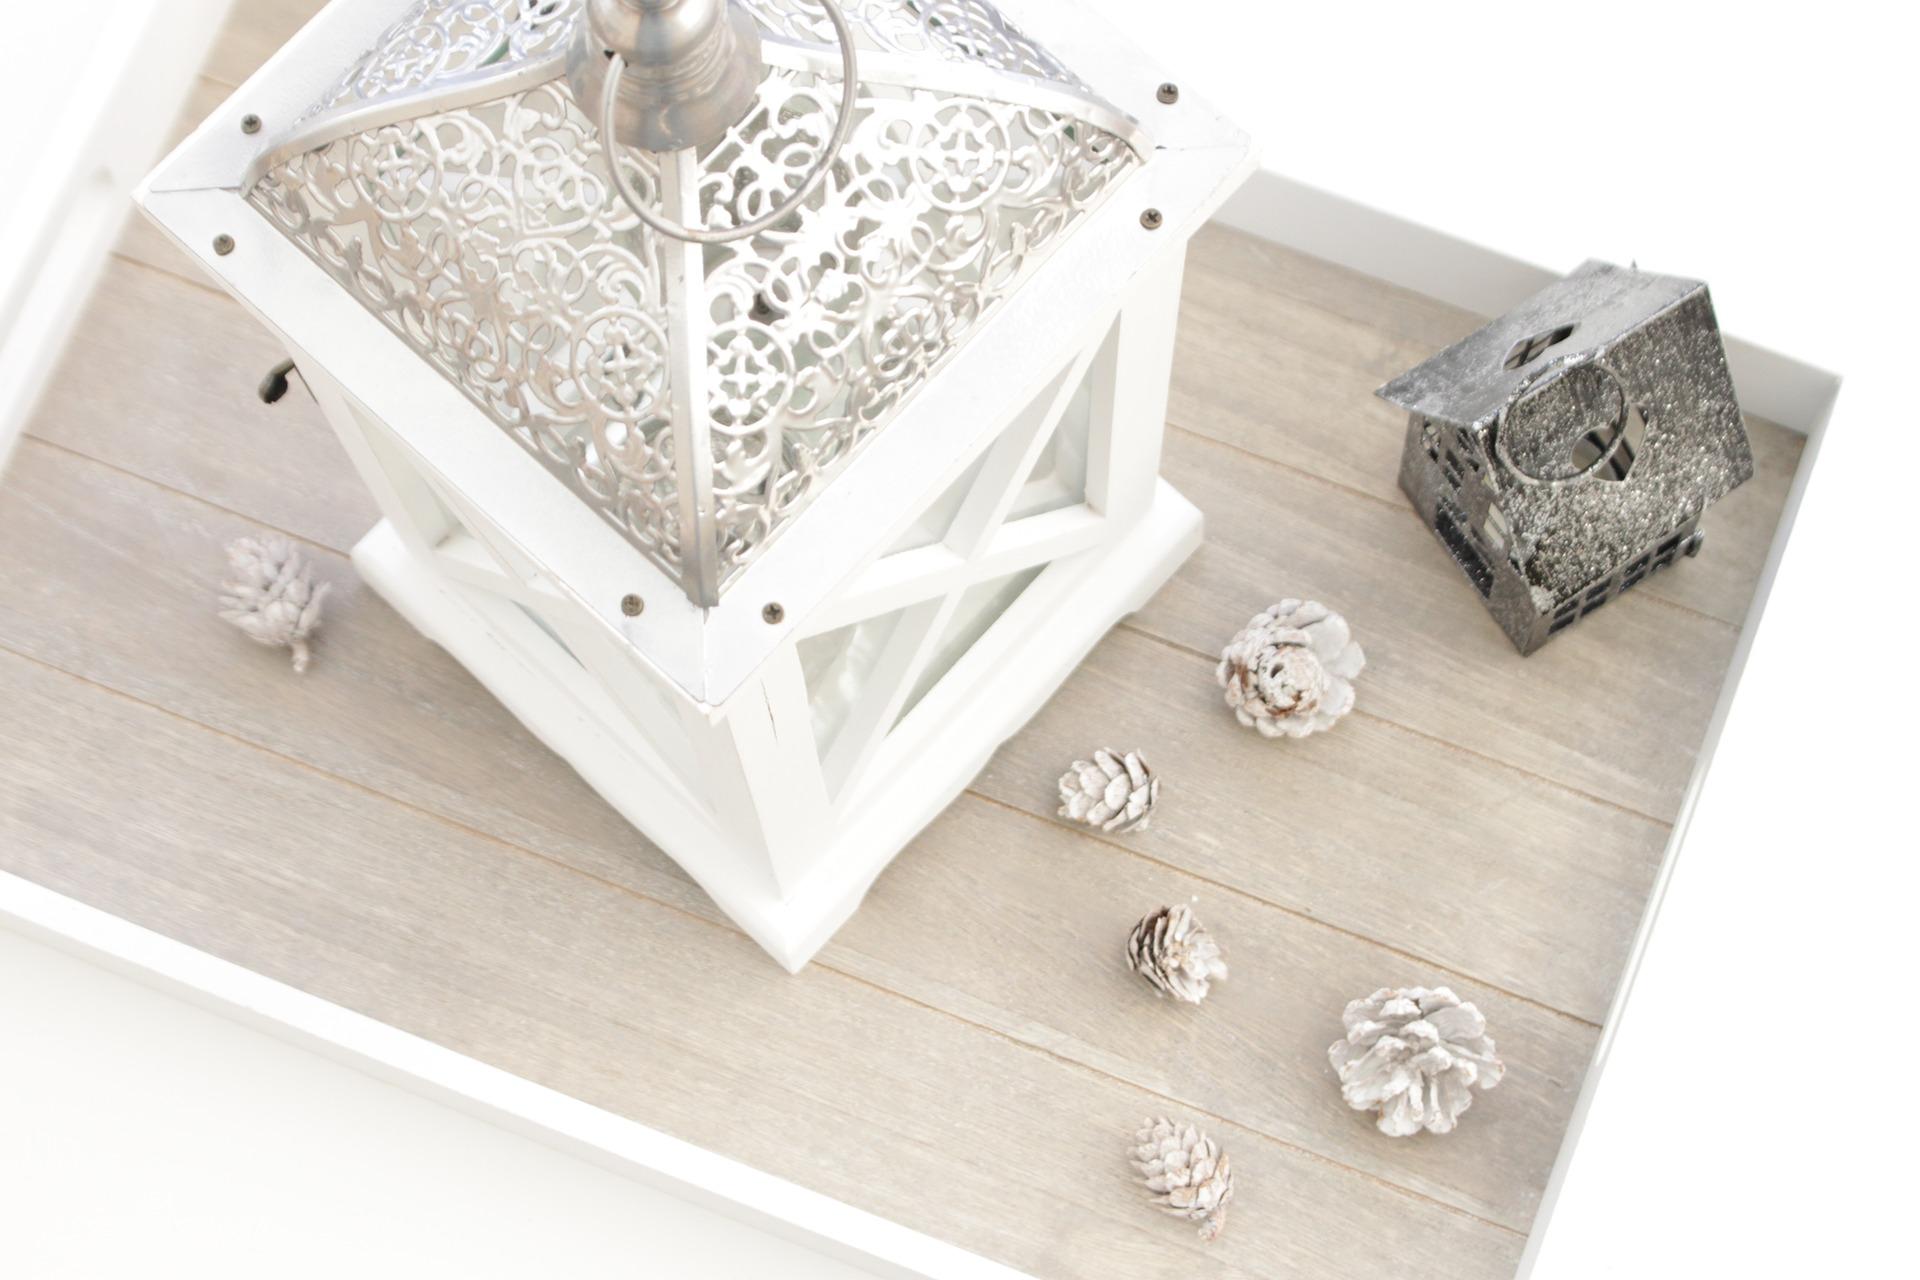 Minimalistische accessoires zijn kenmerkend voor Scandinavisch interieur